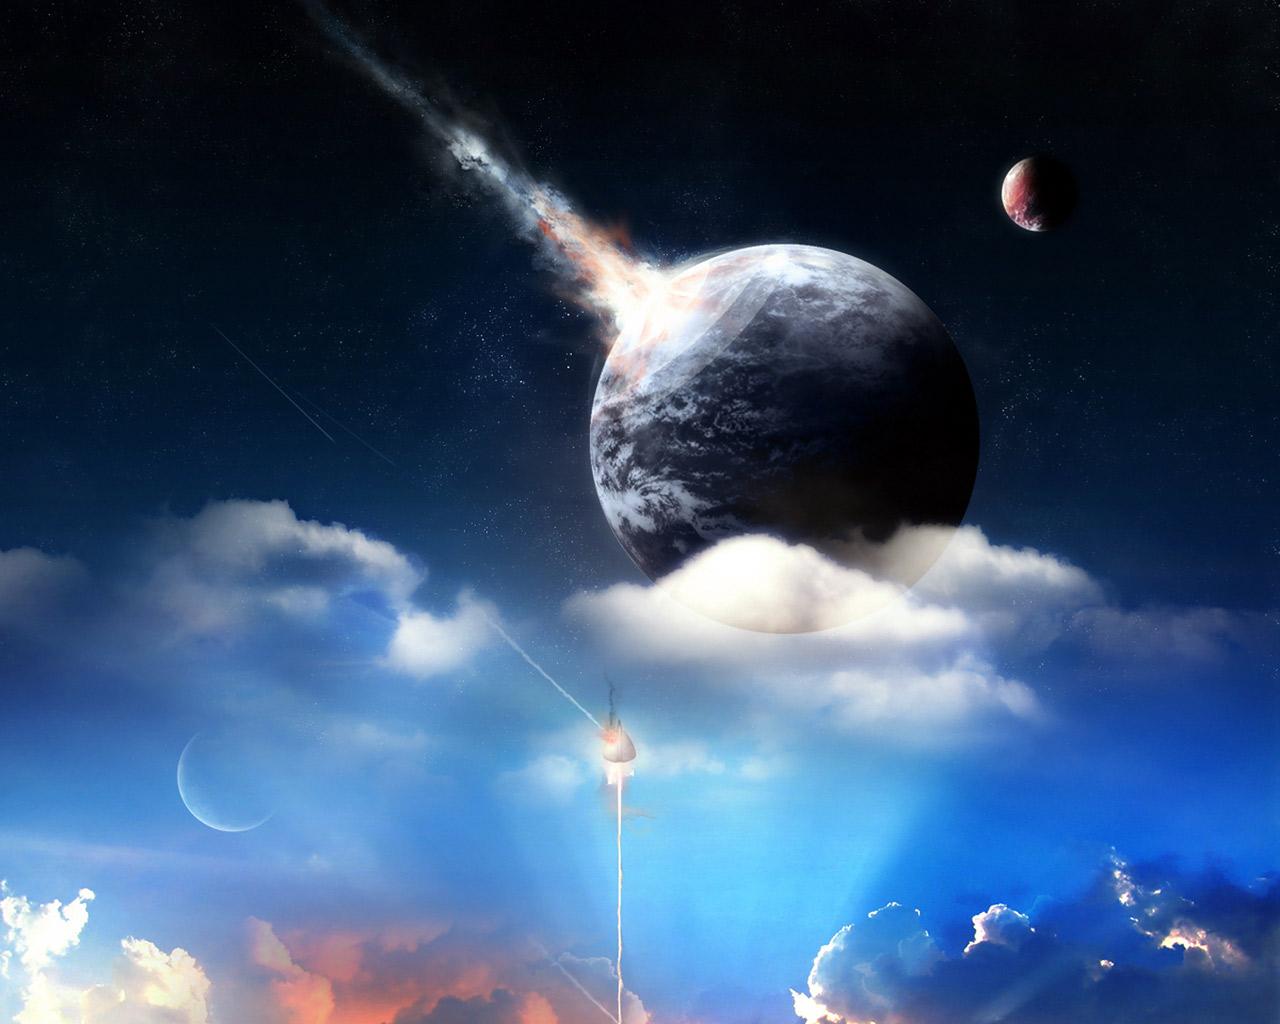 запуск ракеты, планета, небо, скачать фото, космос, обои для рабочего стола, space wallpaper